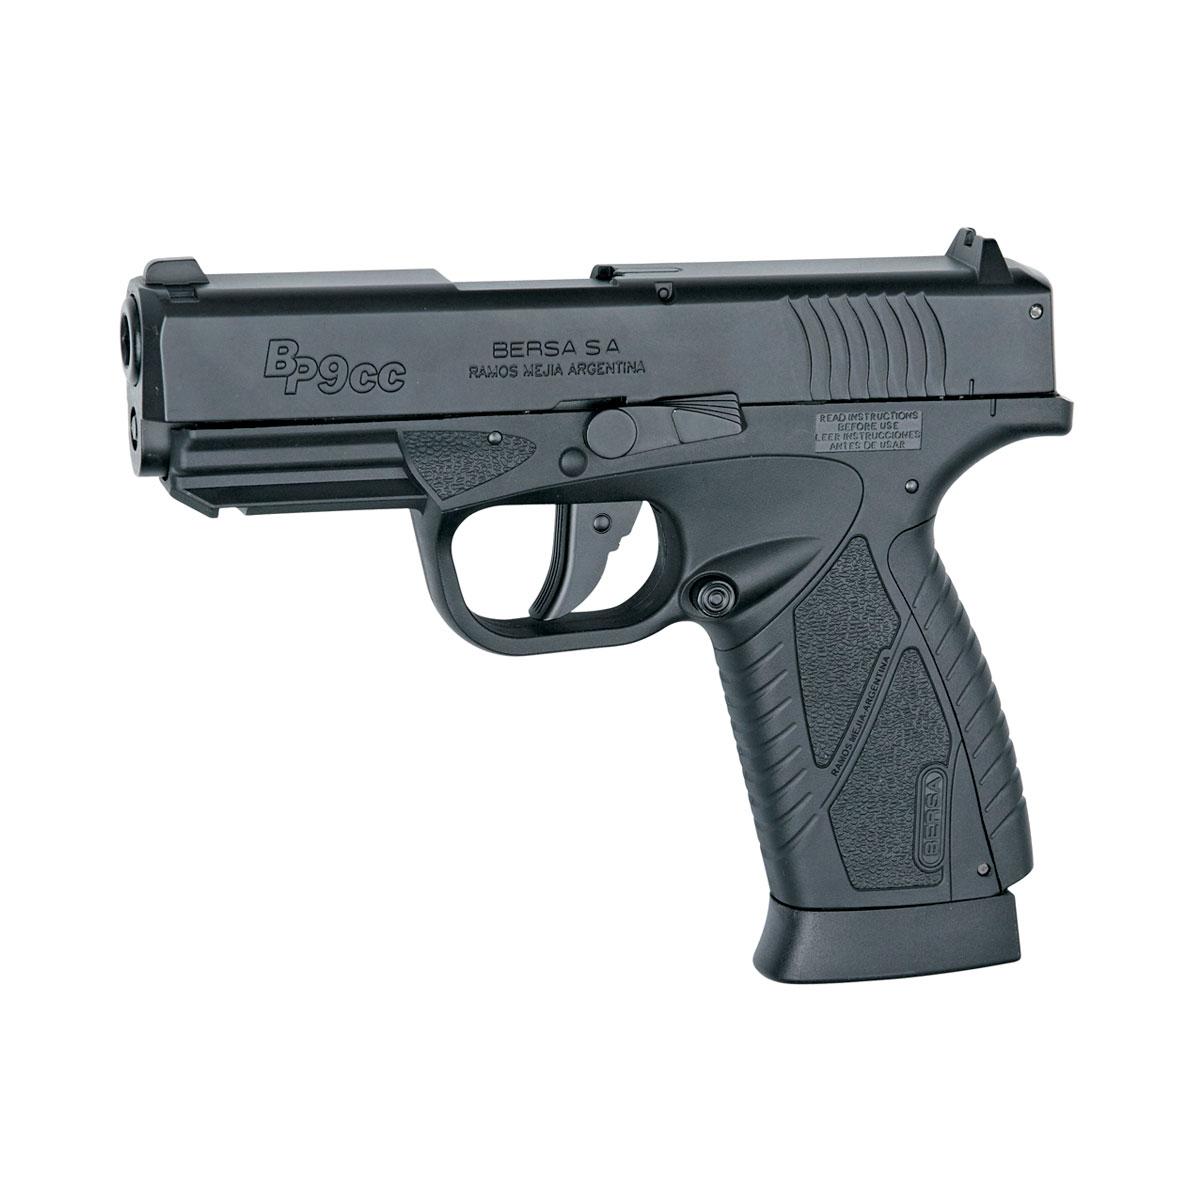 """Пневматическая реплика пистолета BP9CC производится по лицензии аргентинской компании Bersa. Это - легкий, компактный, сверхтонкий пистолет(рукоять чуть шире баллона СО2) с эргономичным дизайном. Небольшая по размеру рукоять подойдет для подростка или девушки, желающих заняться стрелковой практикой. Модель максимально имитирует функции всех частей: подвижный при стрельбе затвор, планка """"Пикатинни"""" под стволом для крепления фонаря или ЛЦУ.Версия блоубэк (при стрельбе затвор имитирует отдачу и по окончании боеприпасов ставится на затворную задержку).Возврат  товара  возможен только при наличии заключения сервисного центра.Время работы сервисного центра: Пн-чт: 10.00-18.00Пт: 10.00- 17.00Сб, Вс: выходные дниАдрес: ООО """"ГАТО"""", 121471, г.Москва,  ул.  Петра  Алексеева,  д  12., тел. (495)232-4670, gato@gato.ru"""